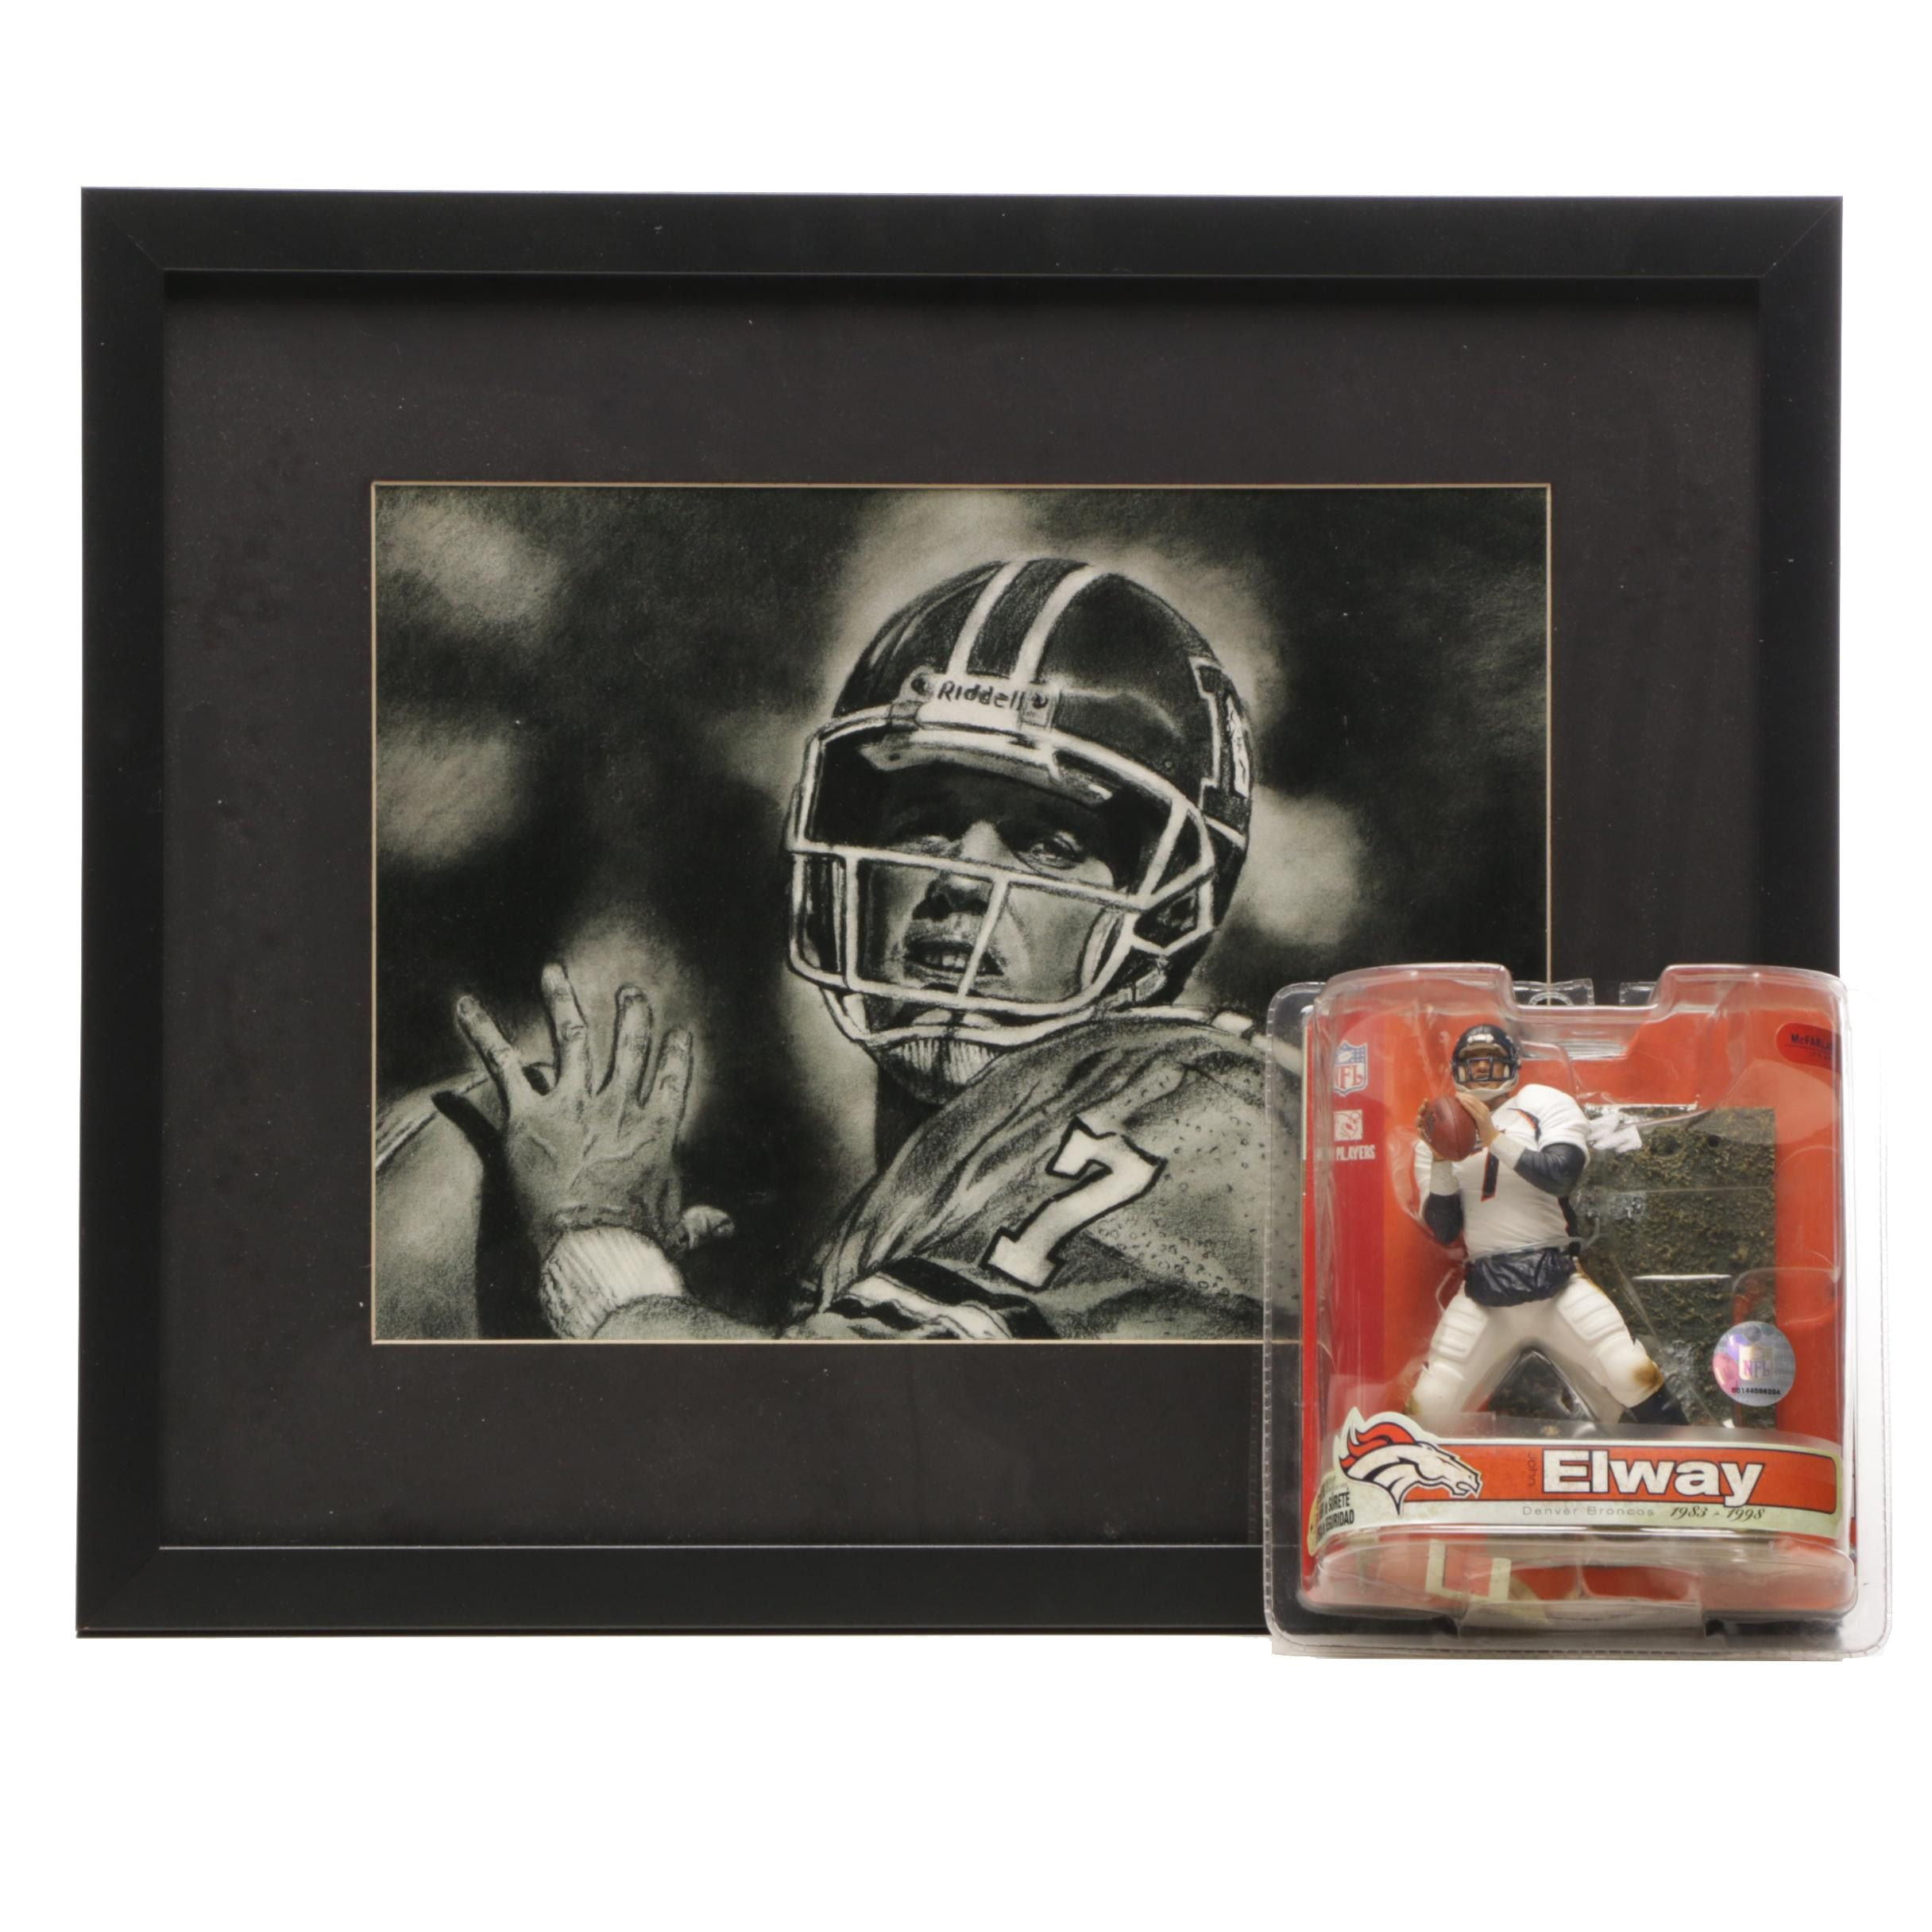 John Elway Denver Broncos Framed Lithograph and 2007 McFarland Figure in Pack